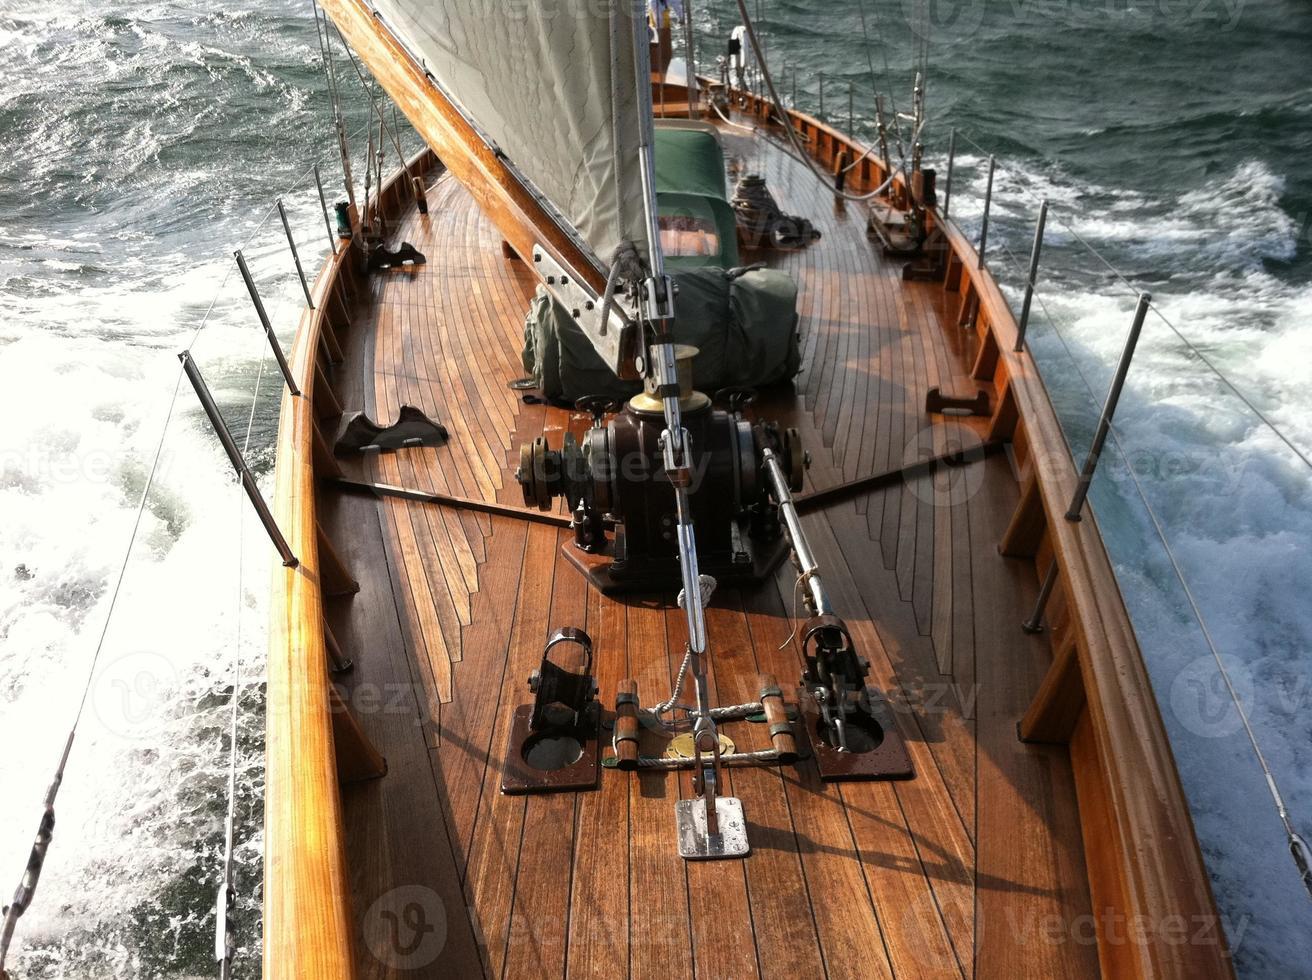 yacht a vela tradizionale in mare foto